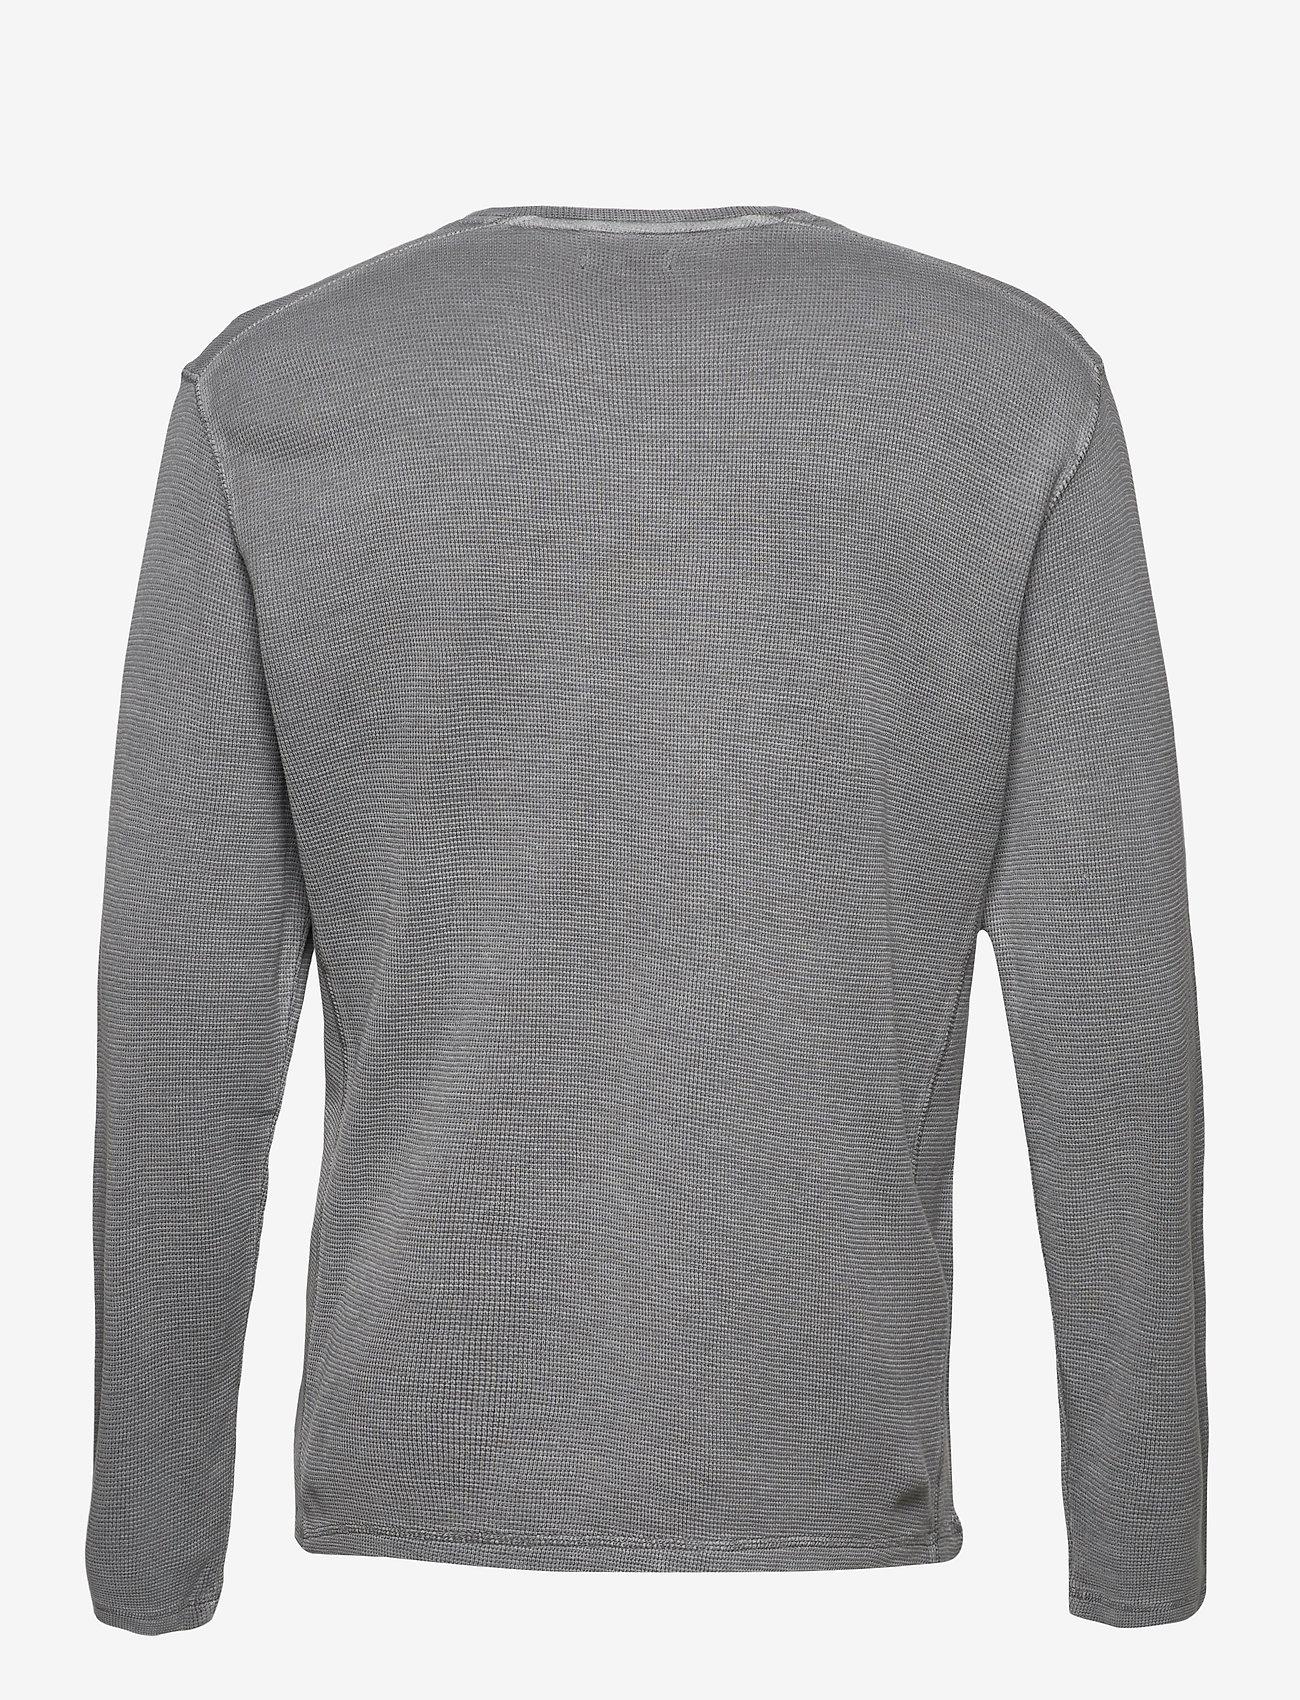 Tom Tailor waffle jerse - T-skjorter MIDDLE GREY MELANGE - Menn Klær